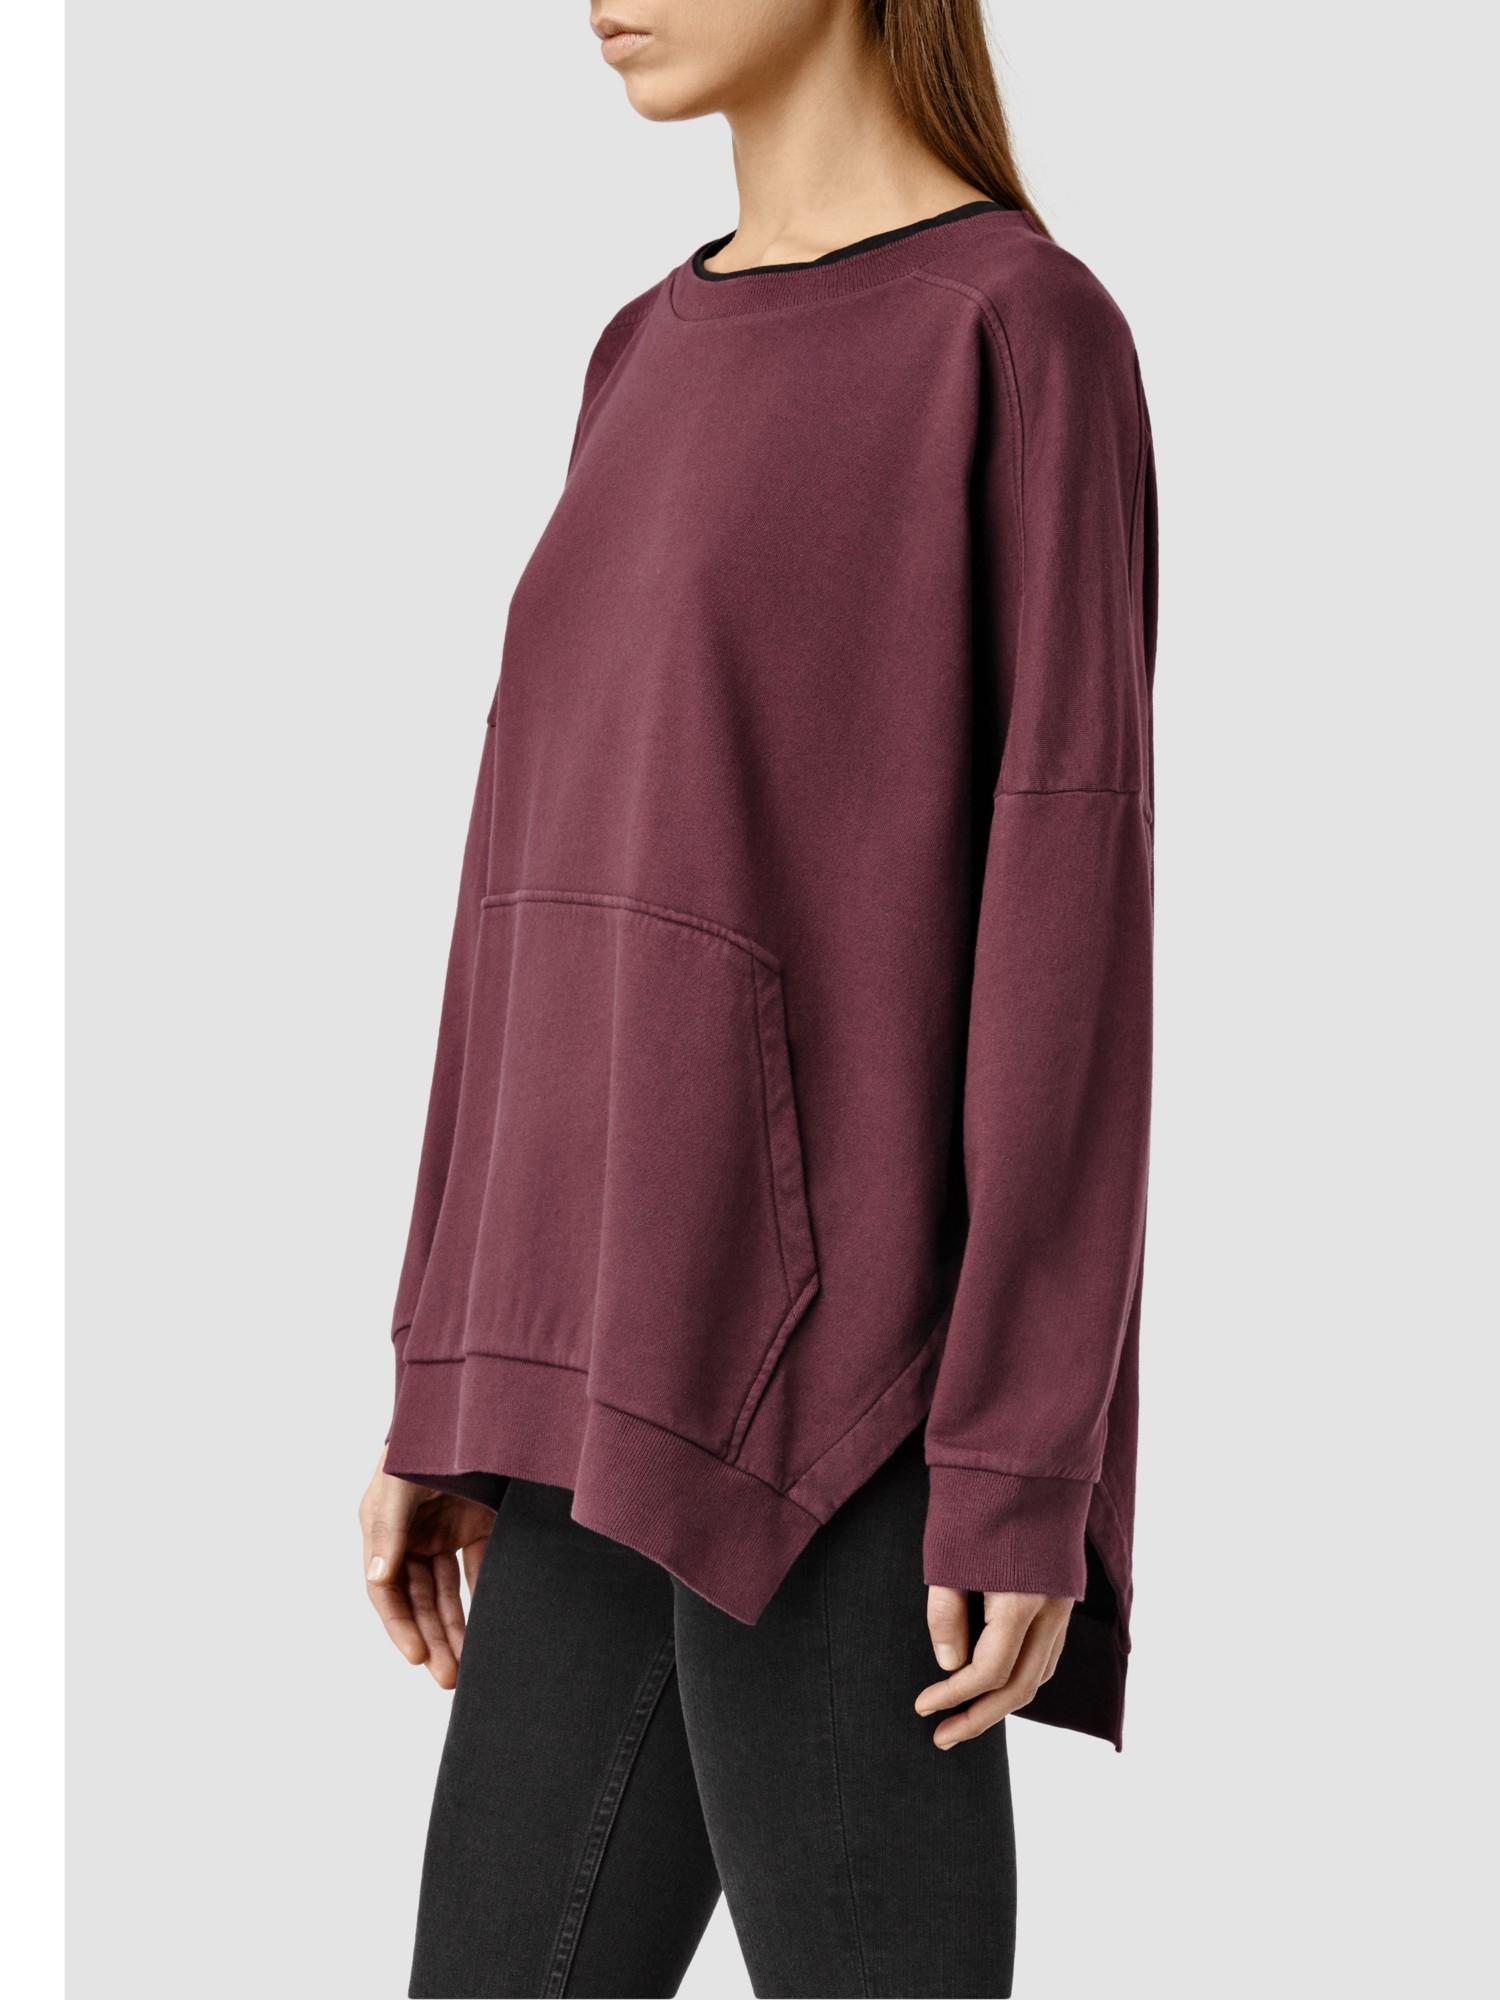 AllSaints Emmy Sweatshirt in Red